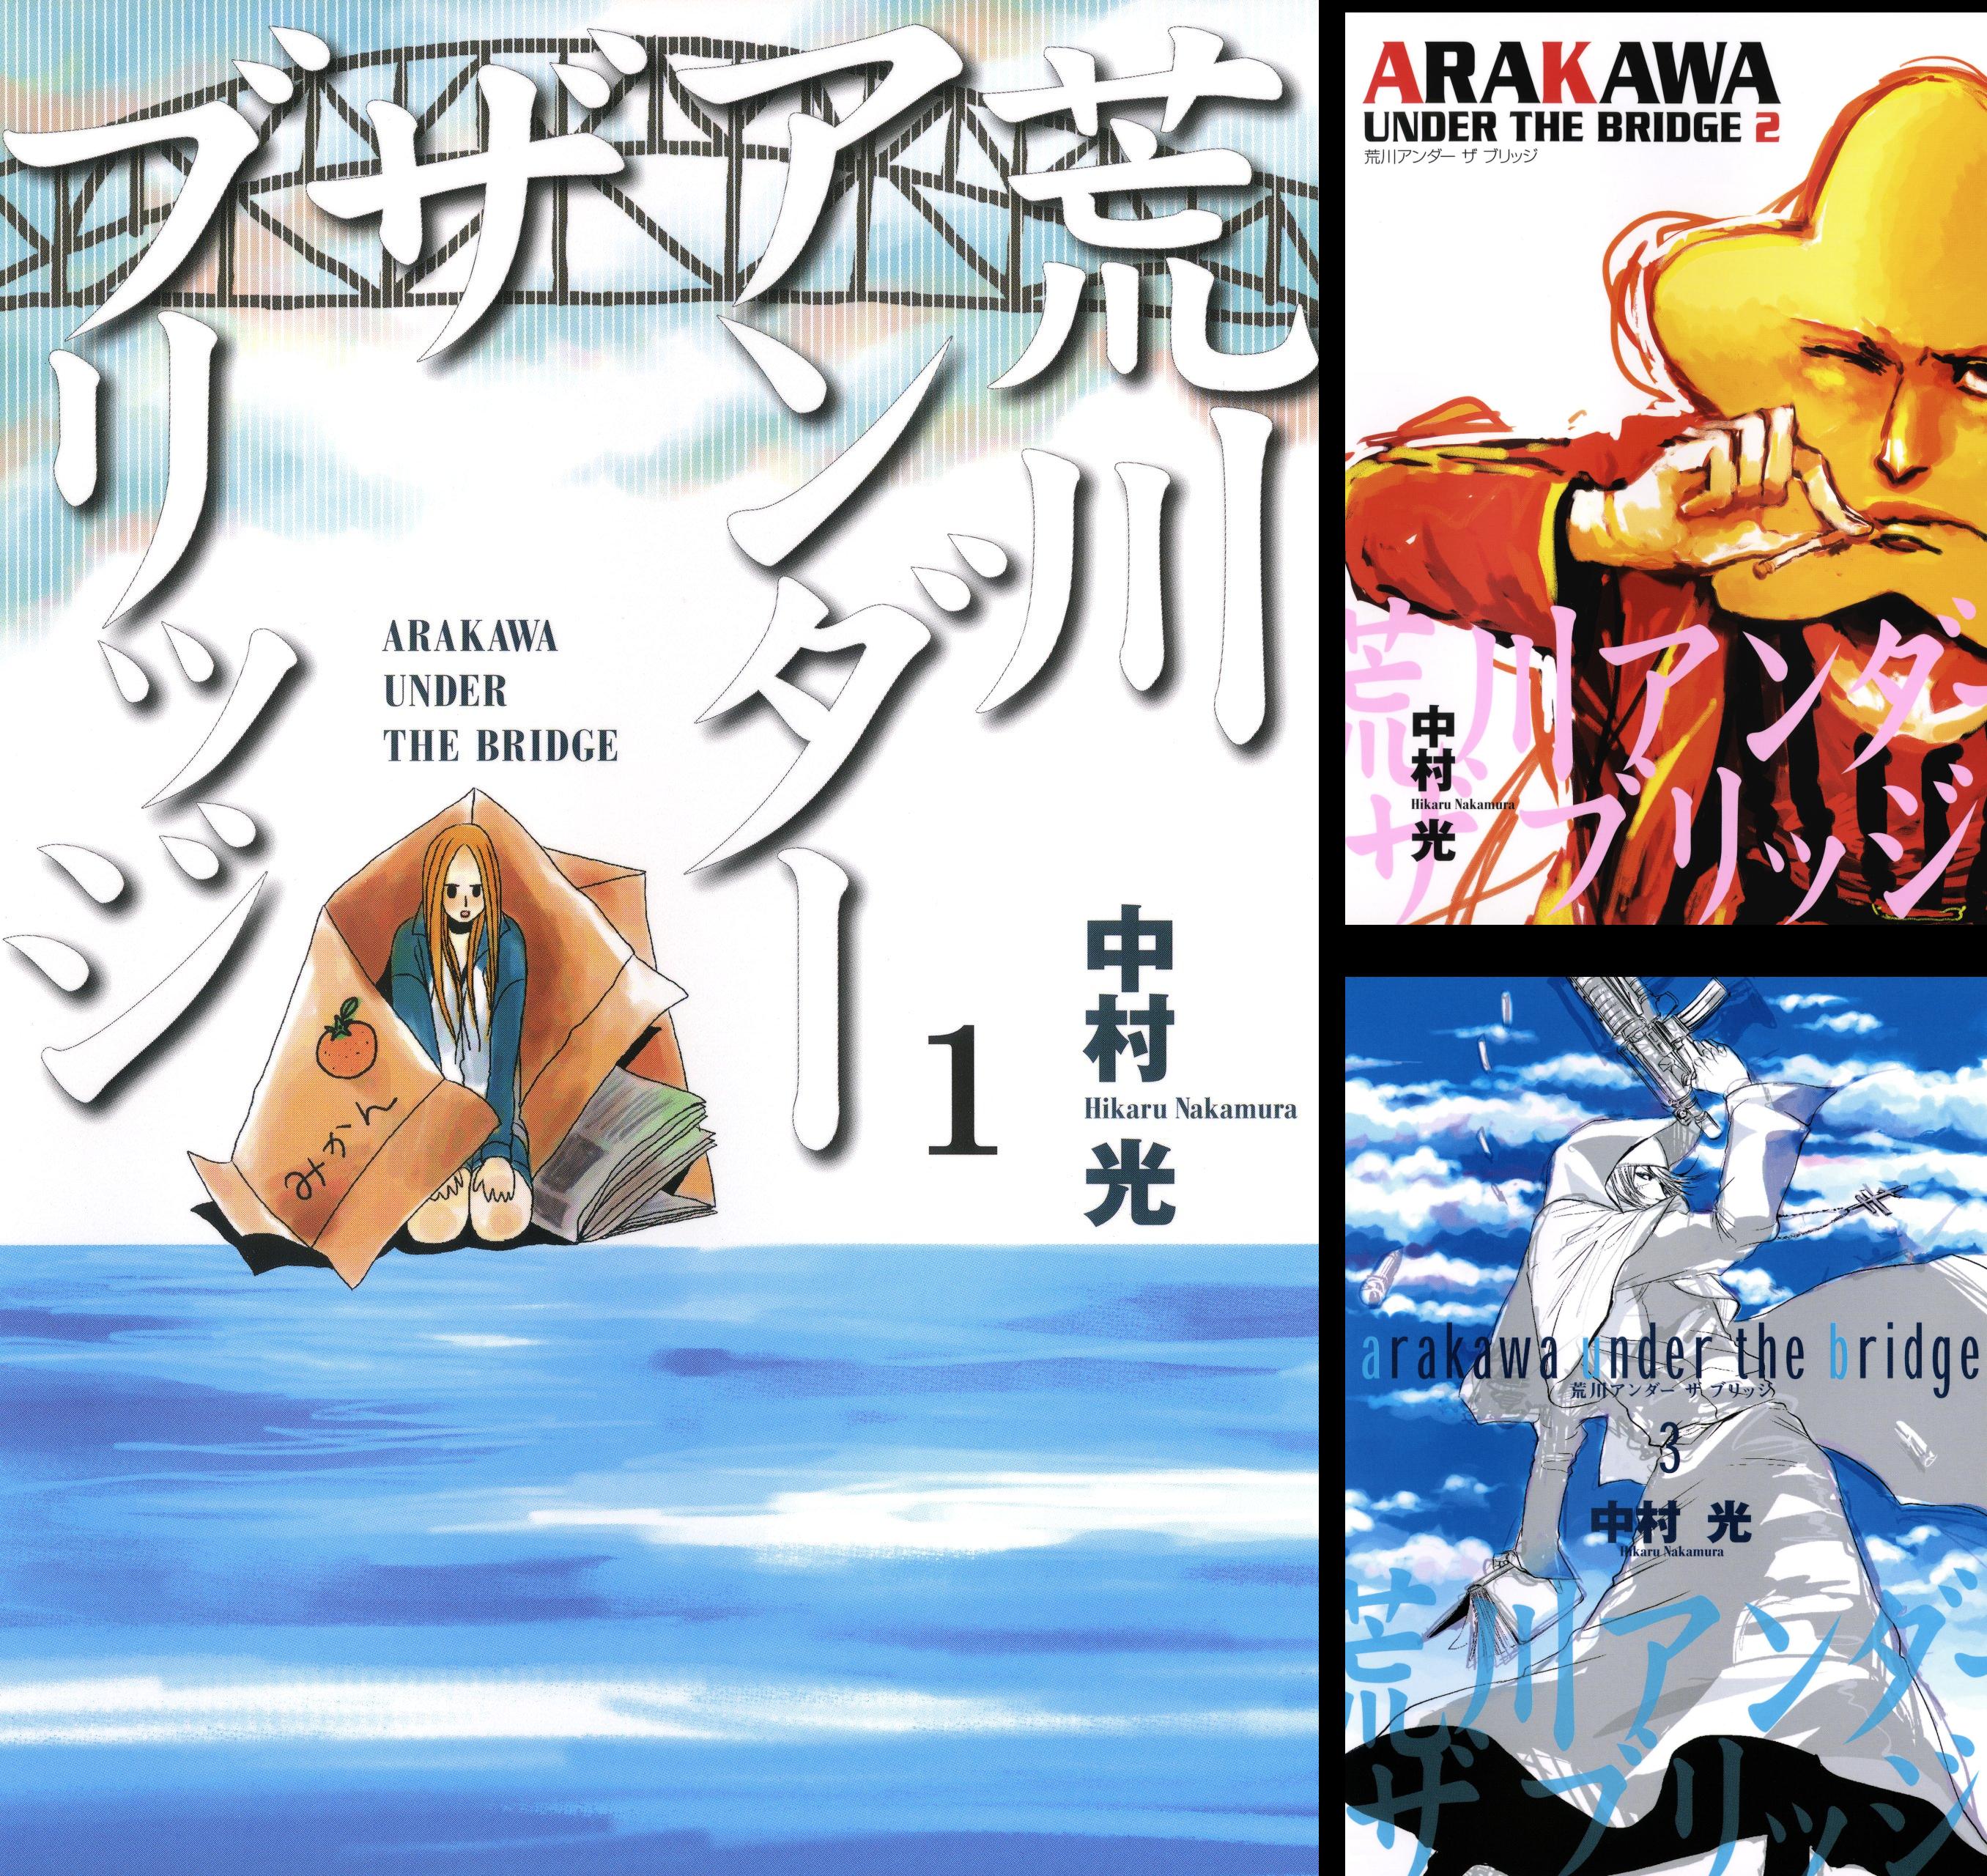 [まとめ買い] 荒川アンダー ザ ブリッジ(デジタル版ヤングガンガンコミックス)